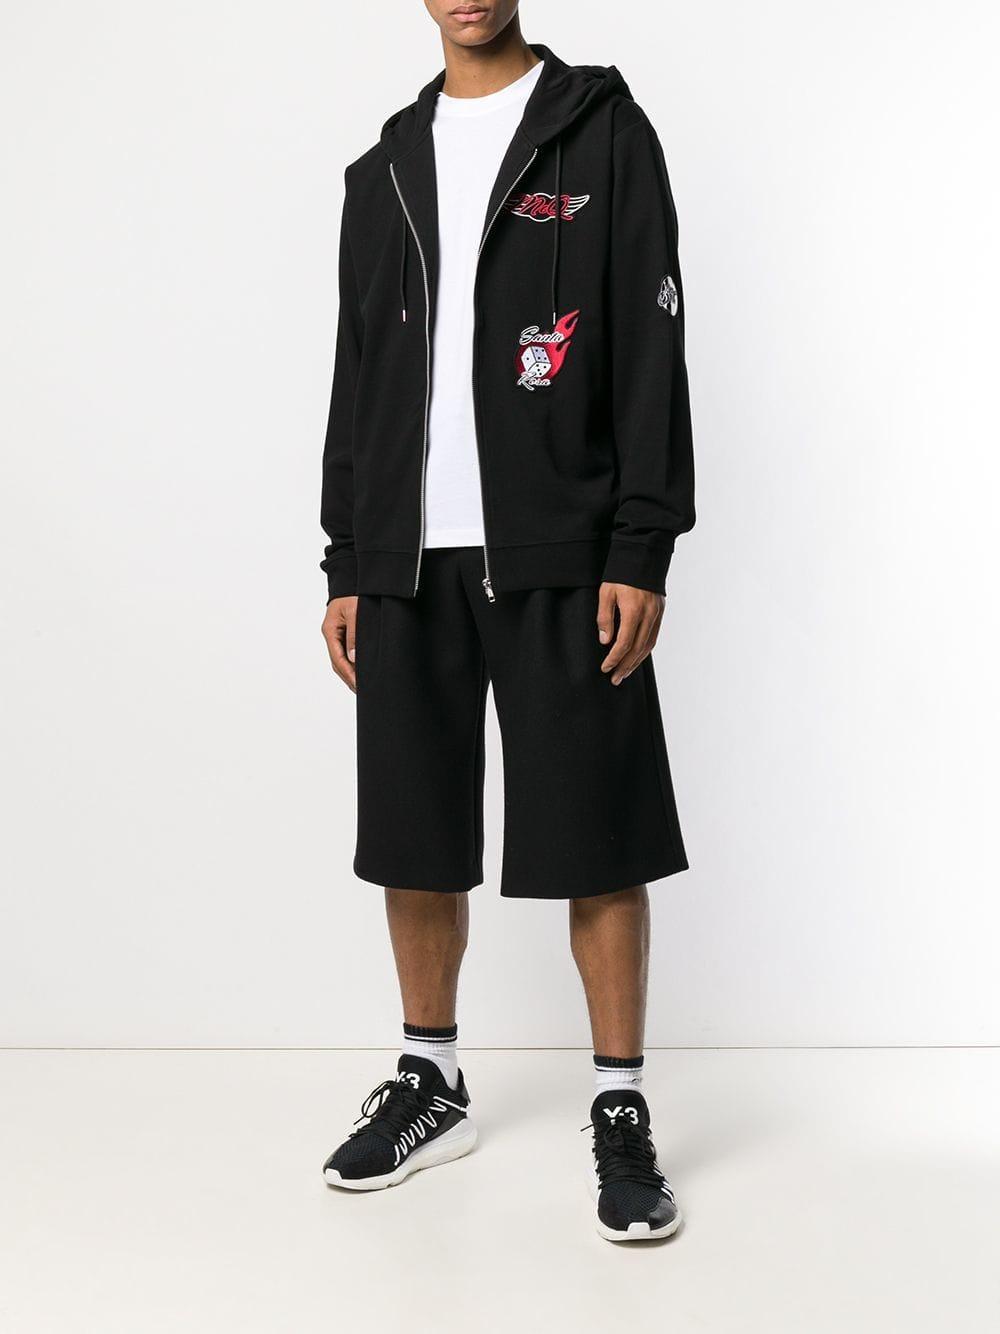 McQ Katoen Patchwork Zipped Hoodie in het Zwart voor heren